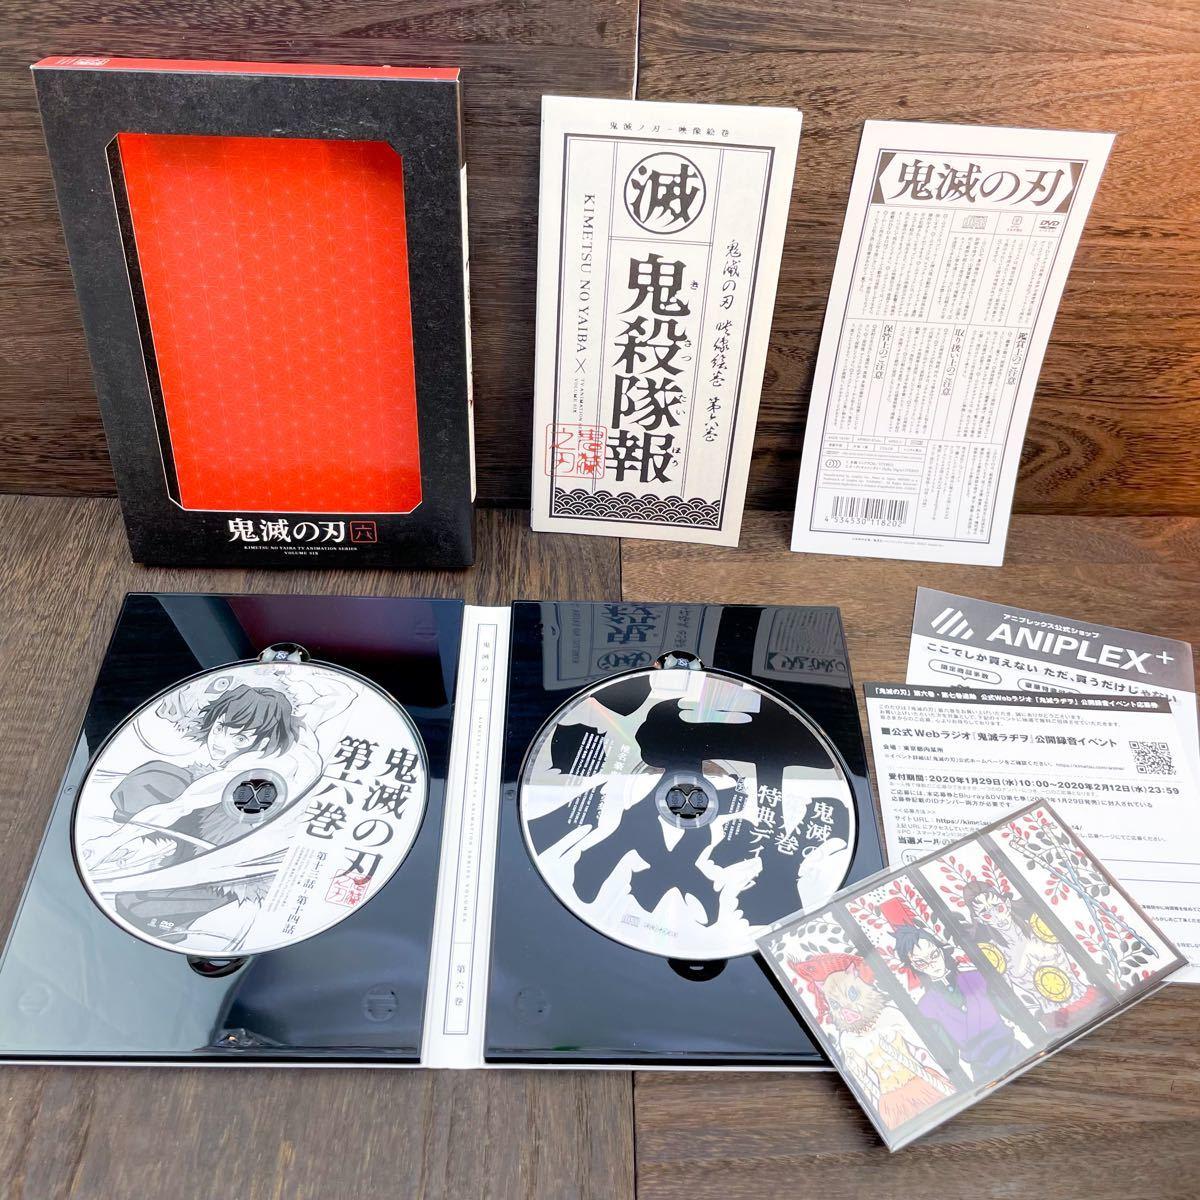 鬼滅の刃 DVD 完全生産限定版 1巻 - 6巻 セット